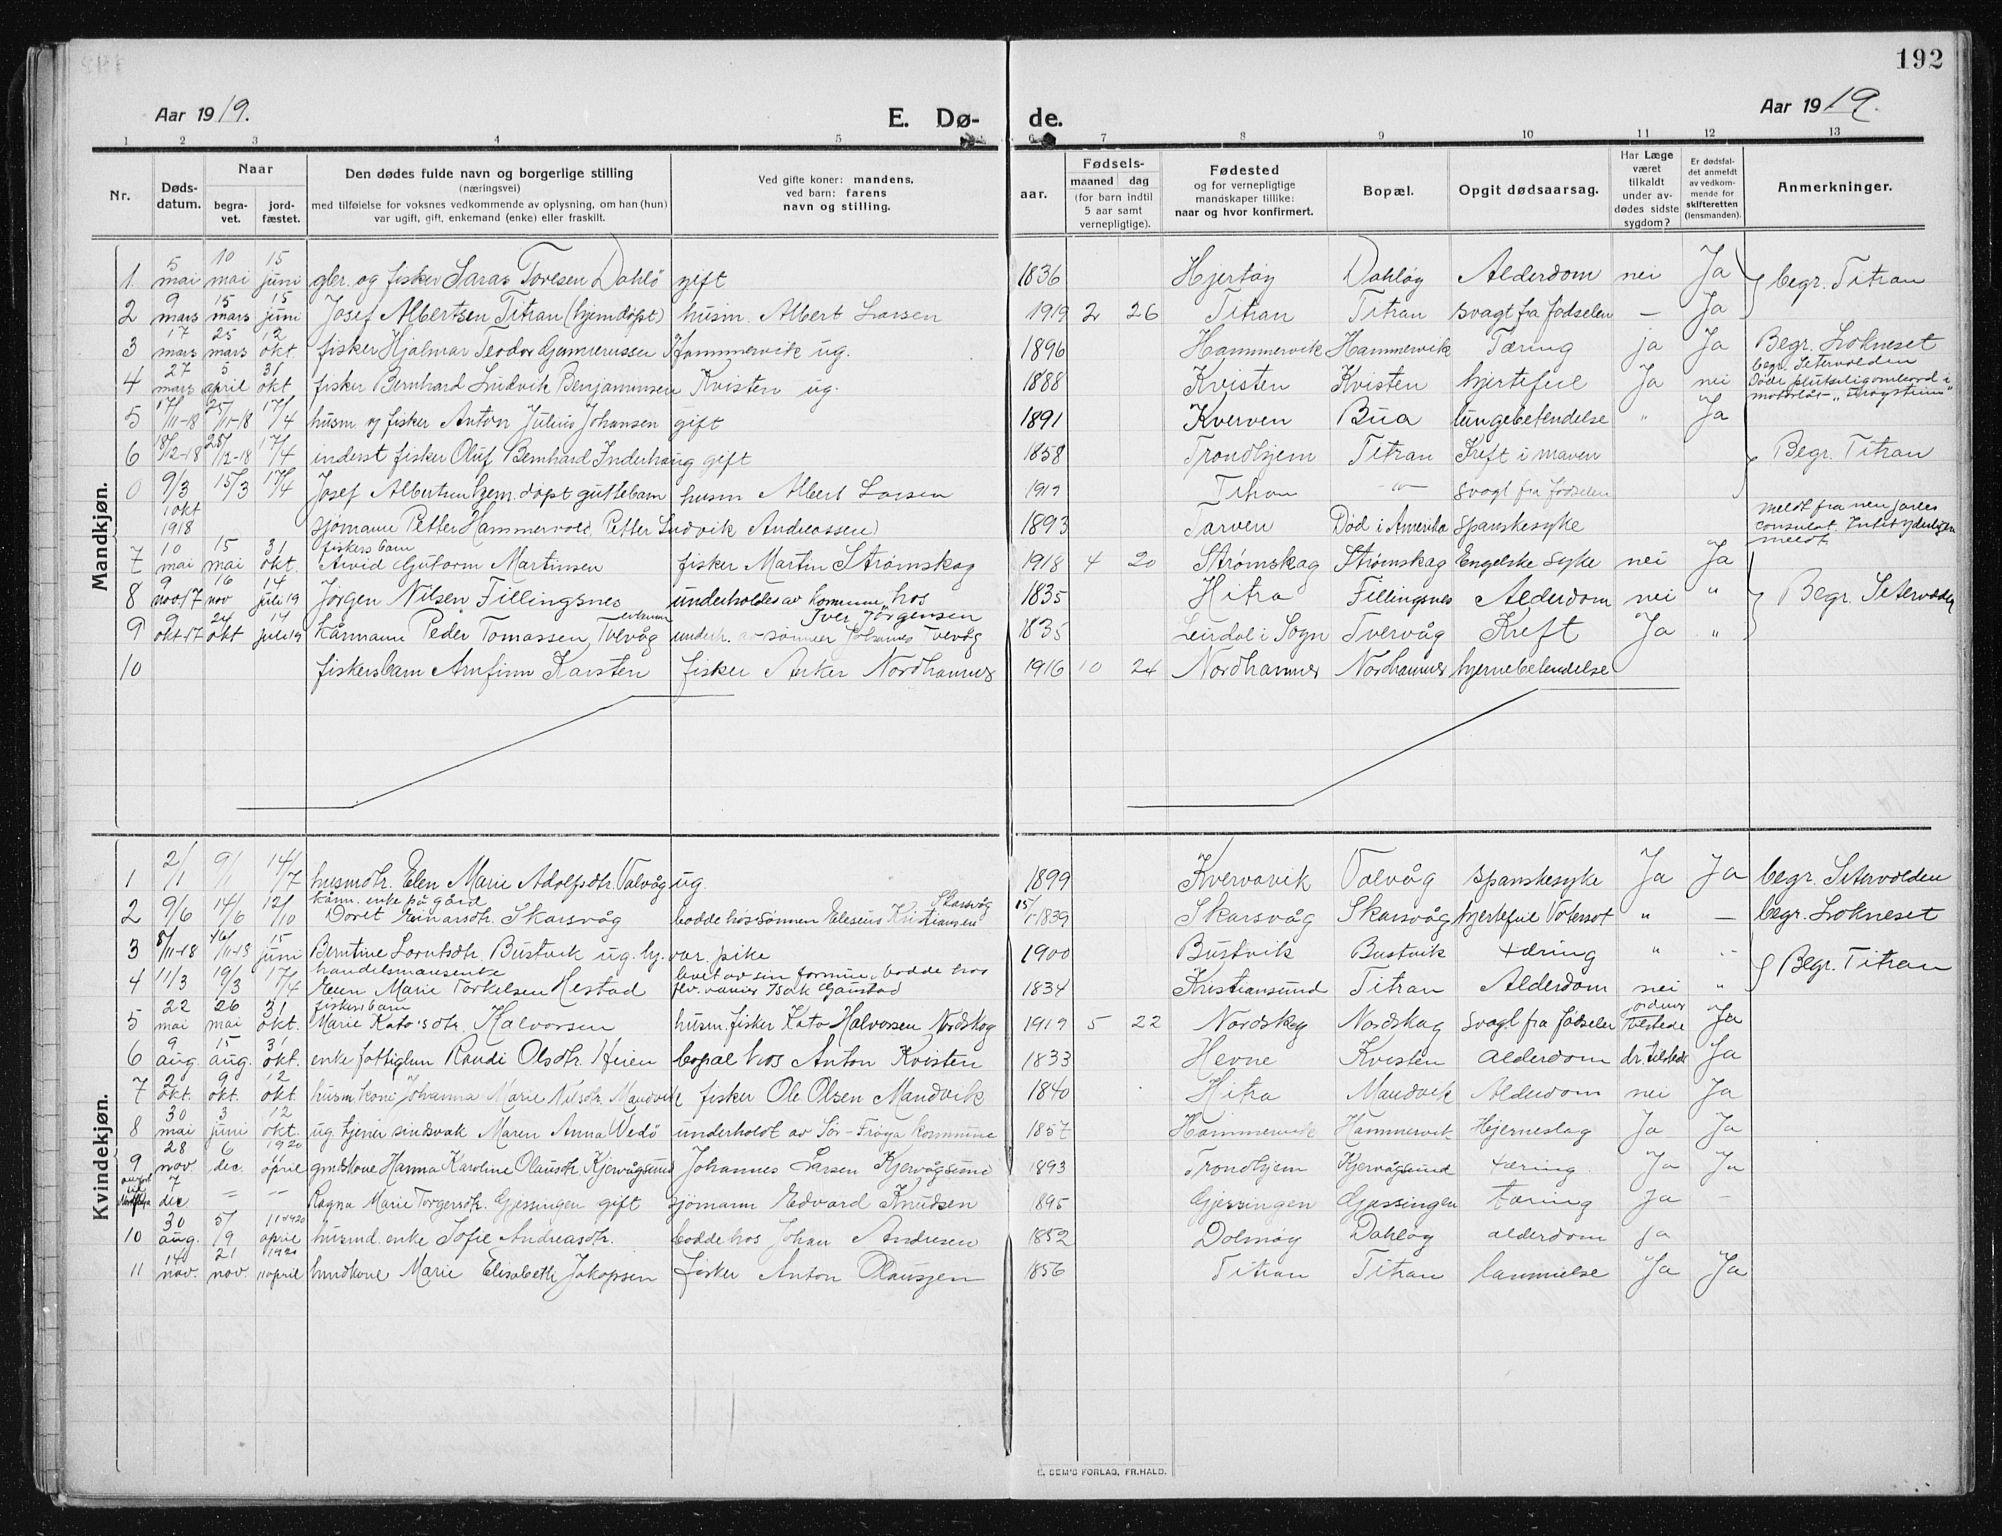 SAT, Ministerialprotokoller, klokkerbøker og fødselsregistre - Sør-Trøndelag, 641/L0599: Klokkerbok nr. 641C03, 1910-1938, s. 192